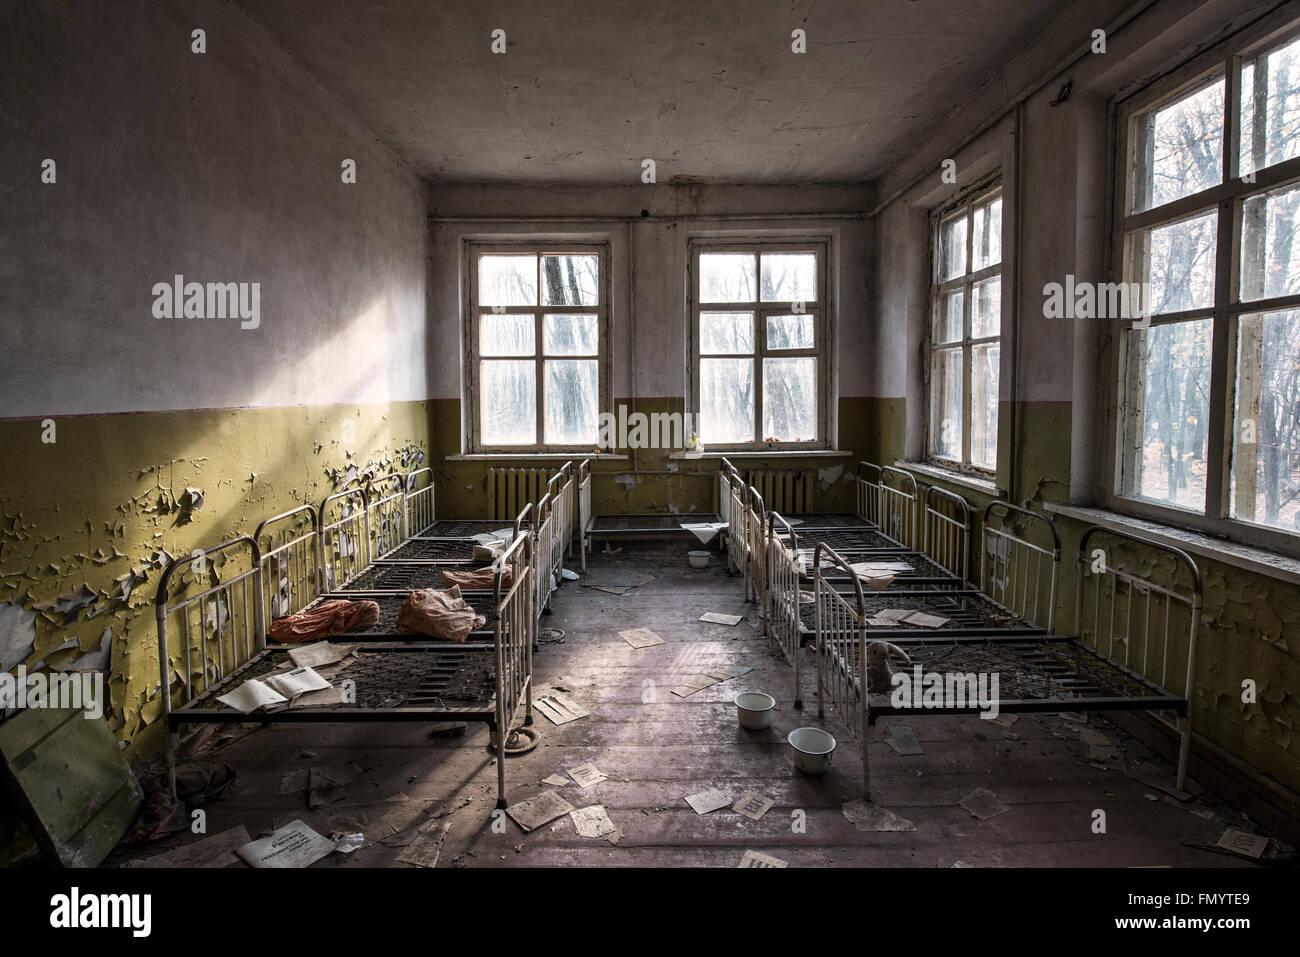 Childrens dormitory in Kindergarten in Pripyat, Chernobyl scene of 1986 nuclear disaster - Stock Image